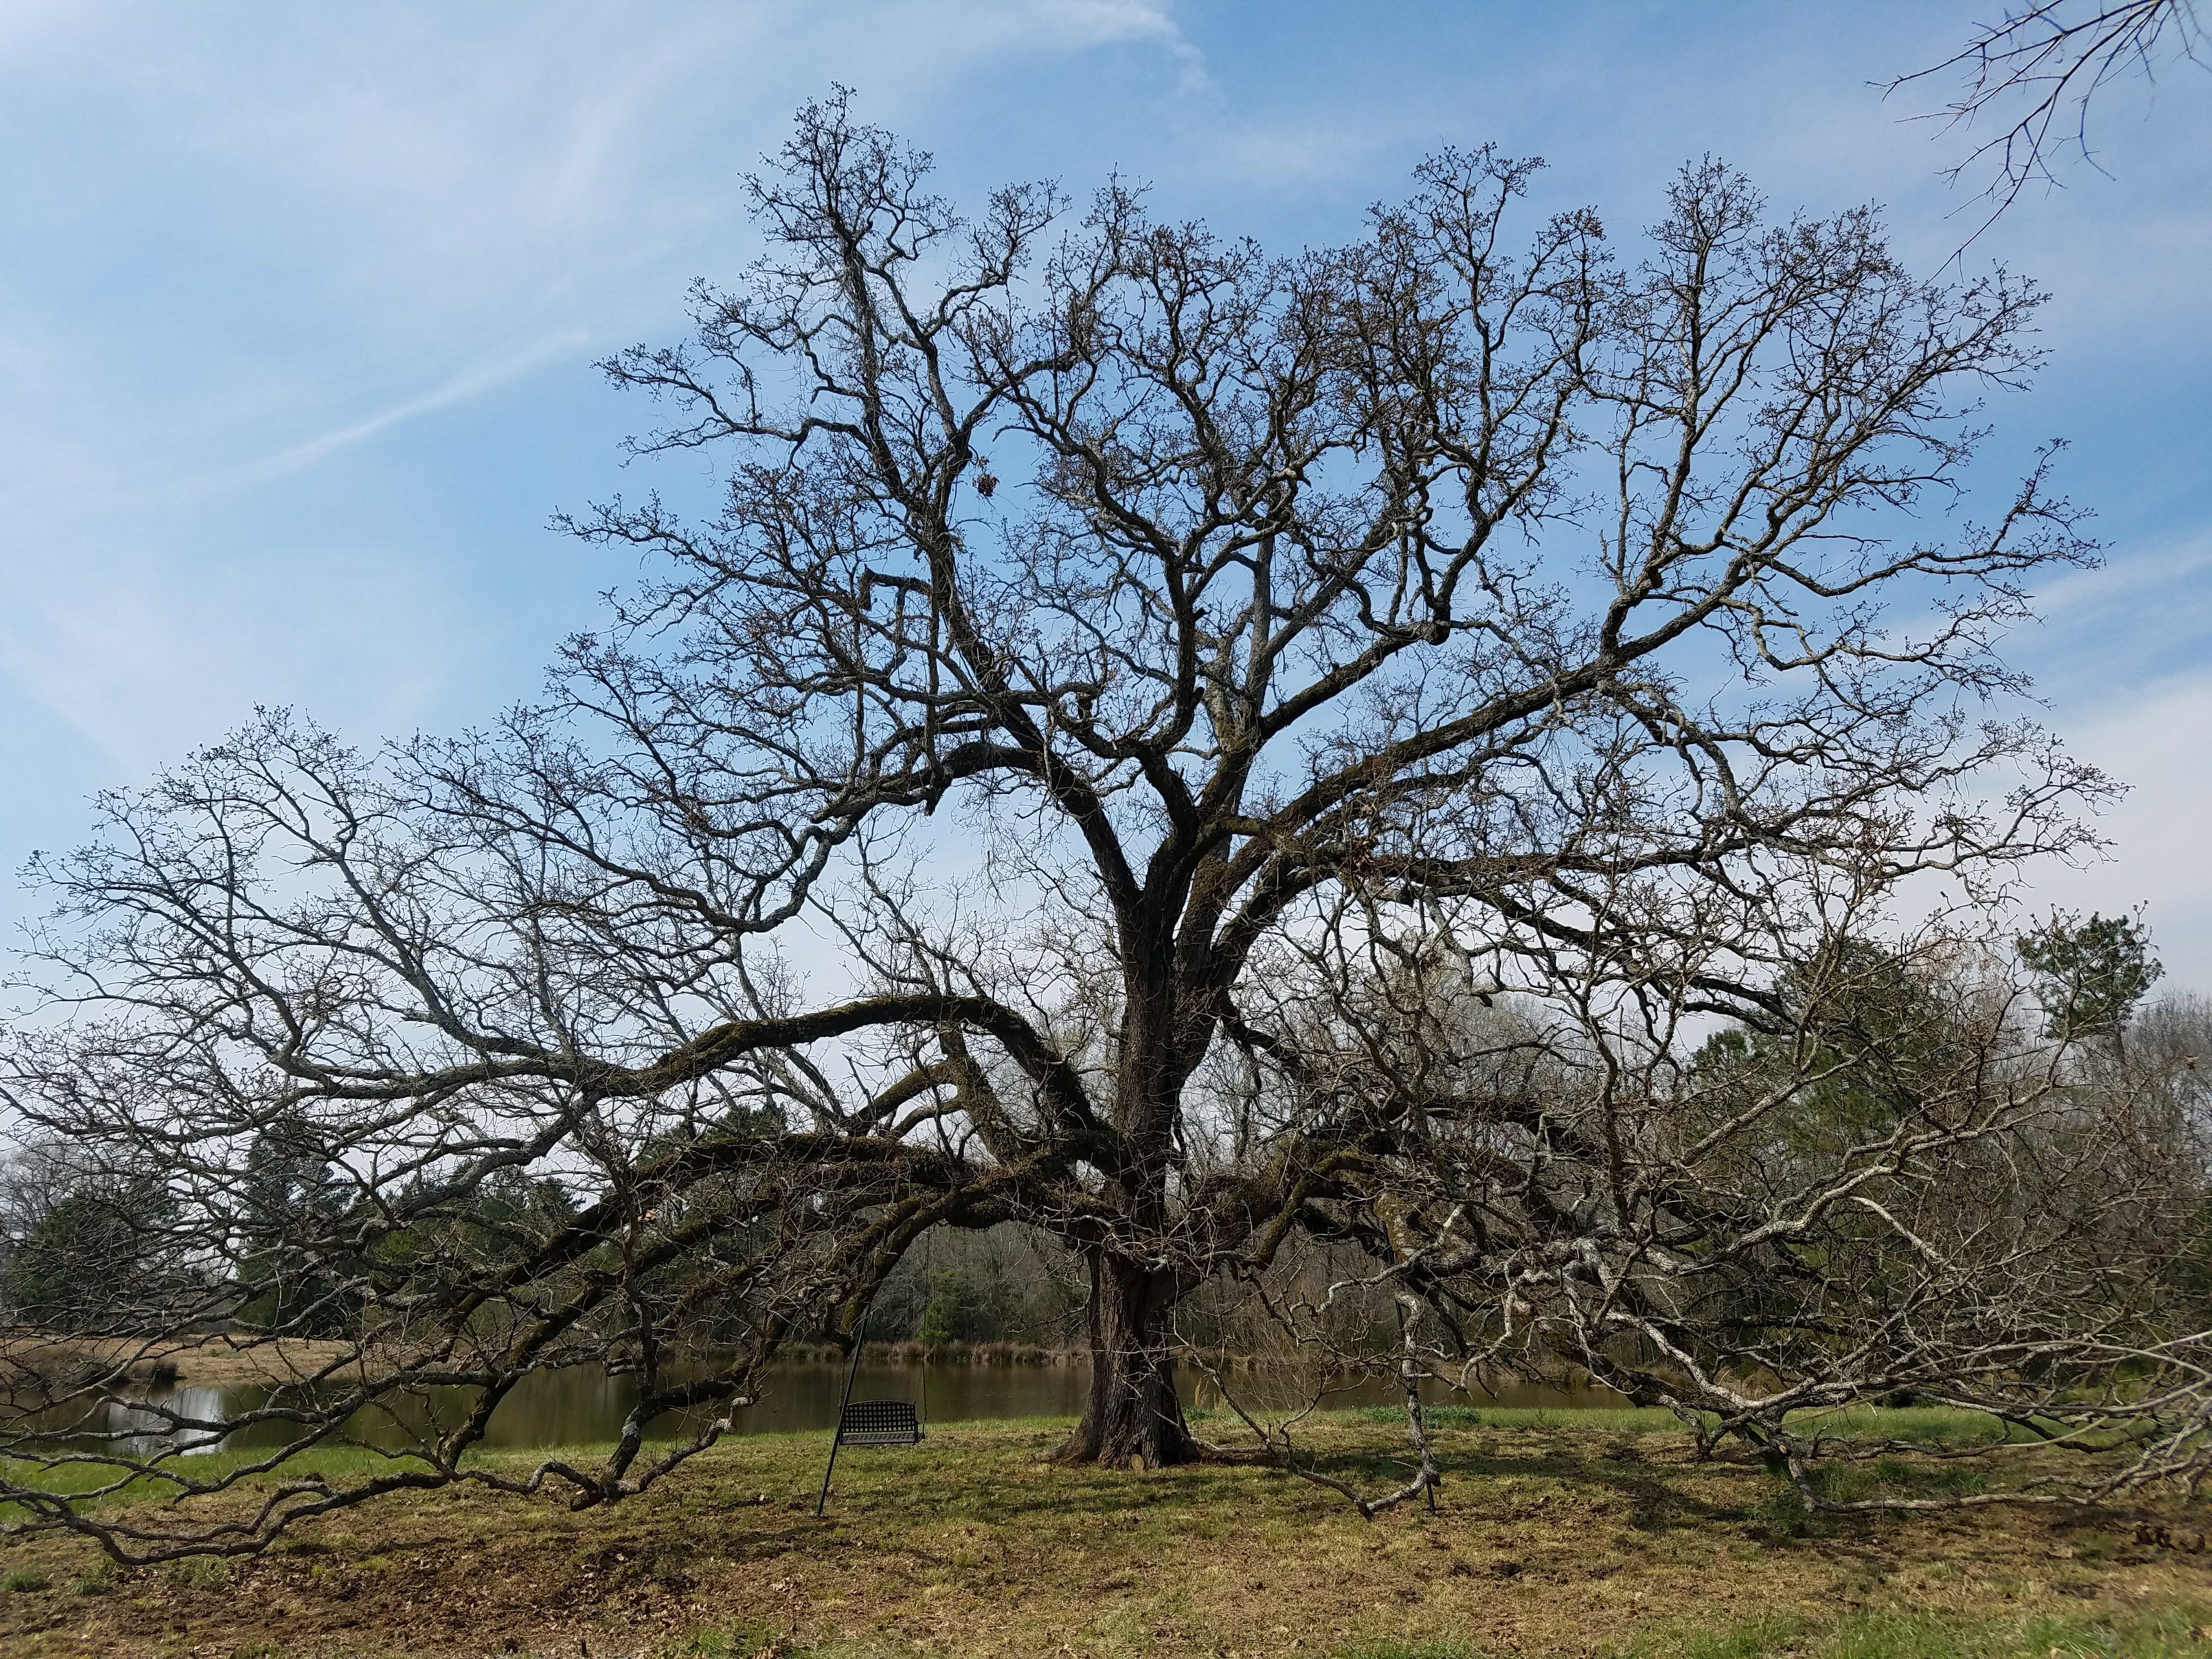 Saluda post oak